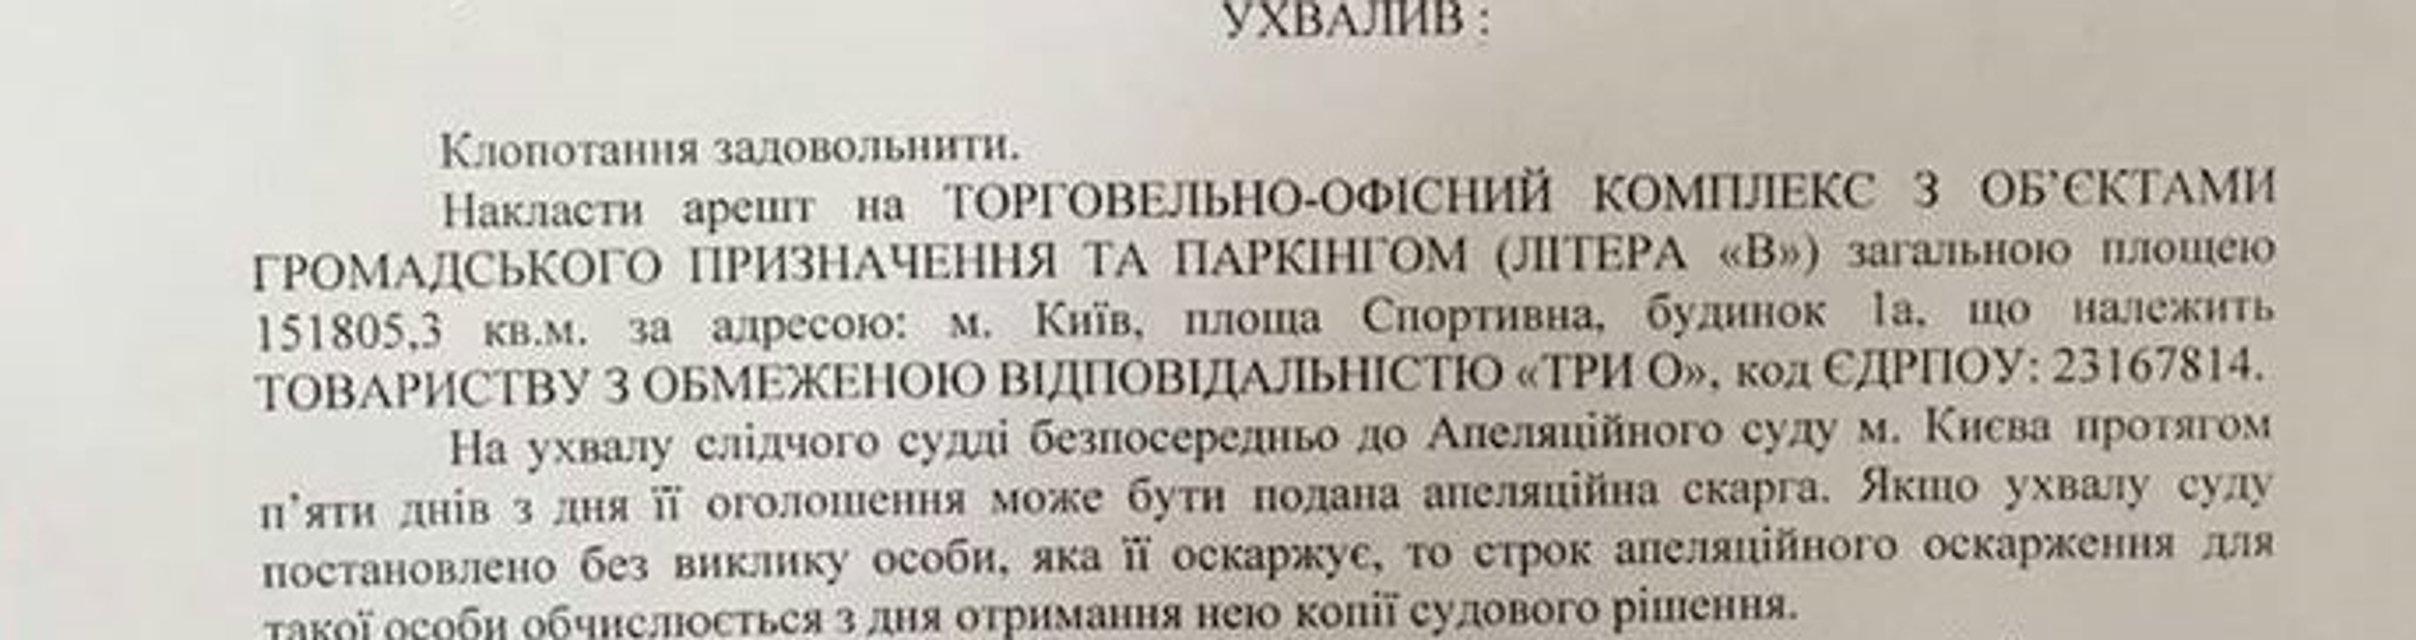 ГПУ: суд арестовал ТЦ «Гулливер» по делу банка «Михайловский»  - фото 21706